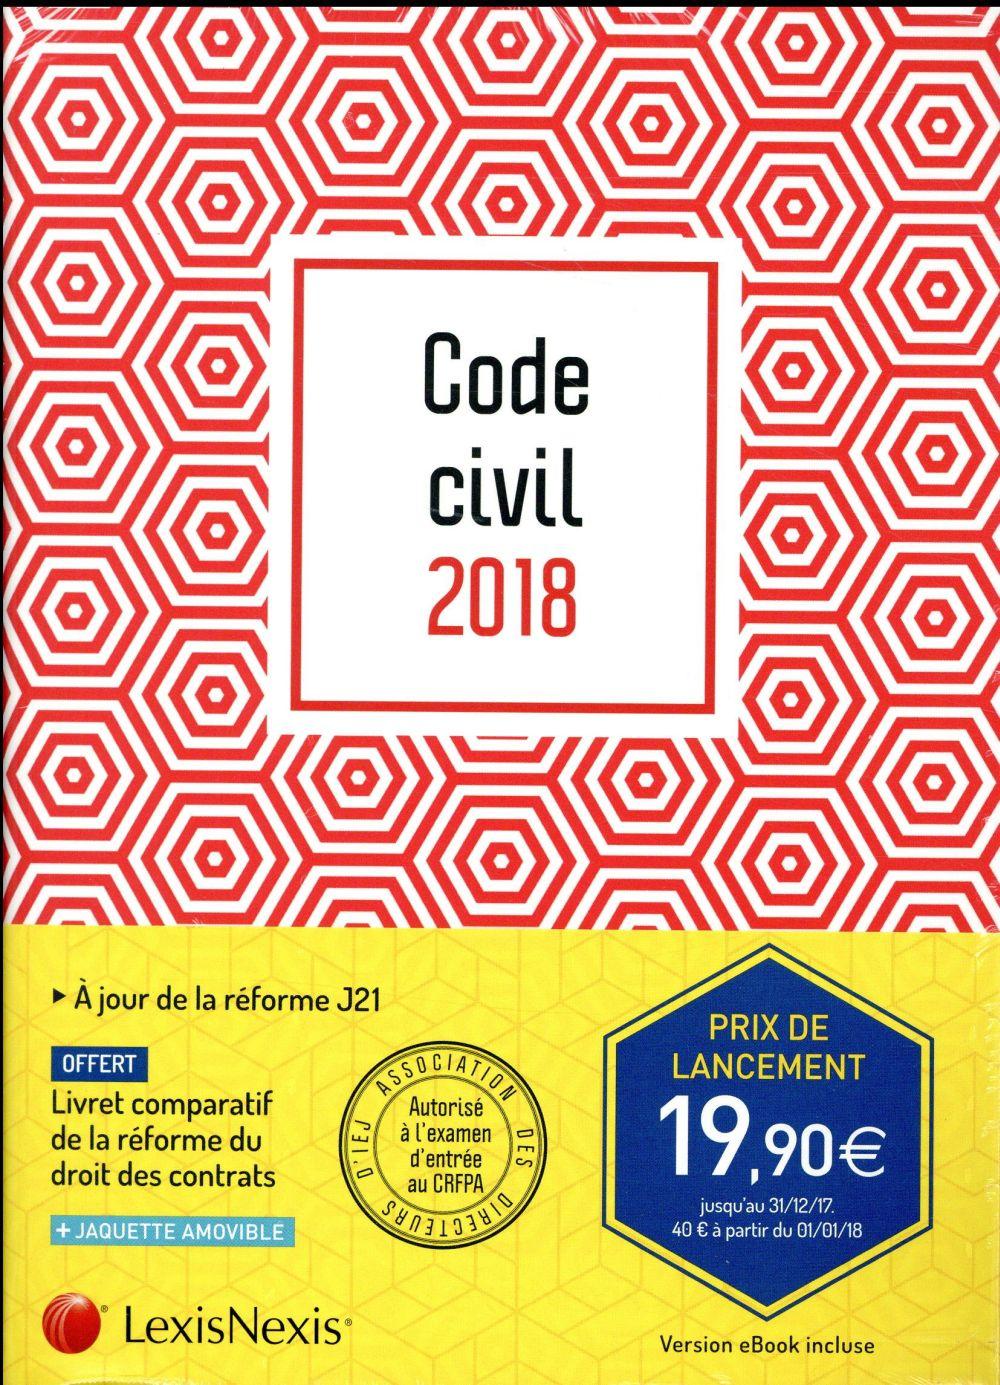 Code civil 2018 ; motif graphique